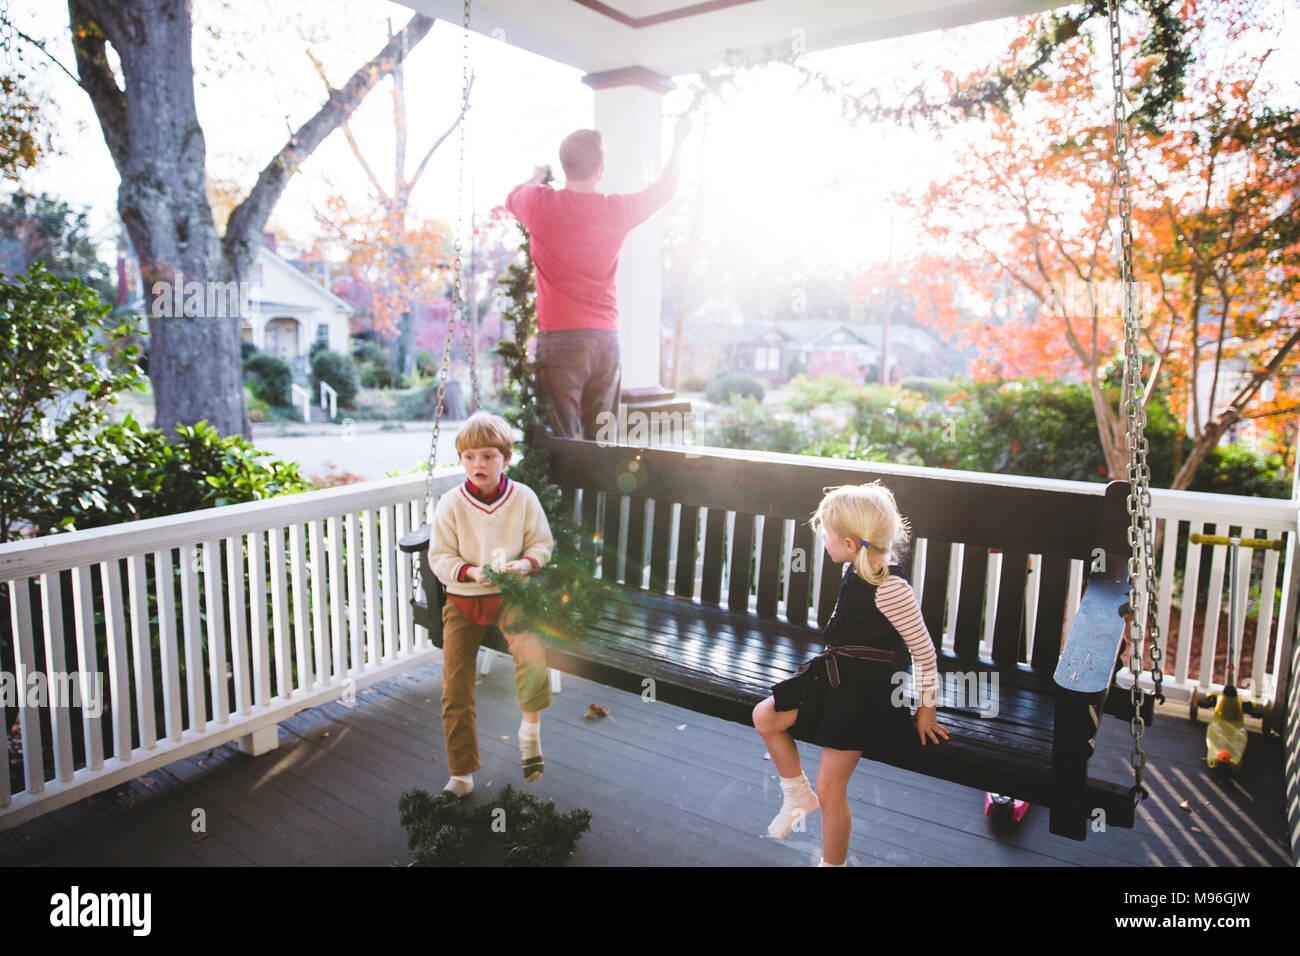 Los niños sentados en banco rítmico con el hombre en segundo plano. Imagen De Stock